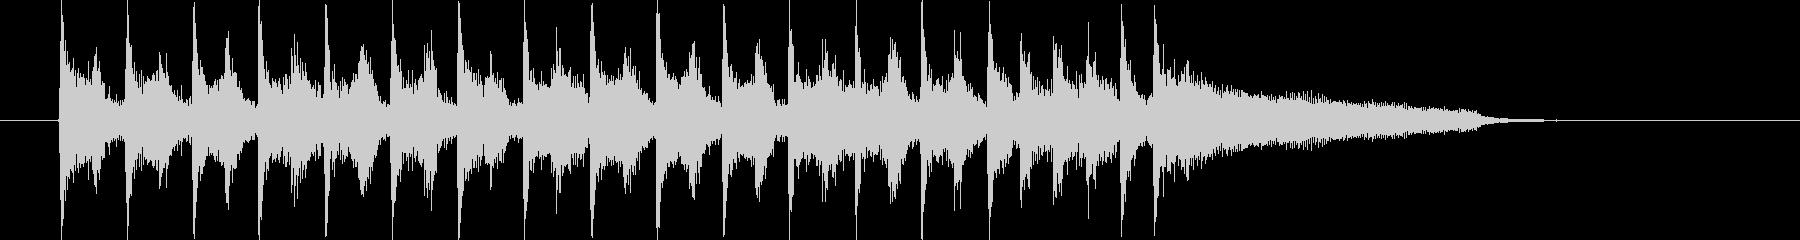 ストリングスが特徴のポップなジングル曲の未再生の波形